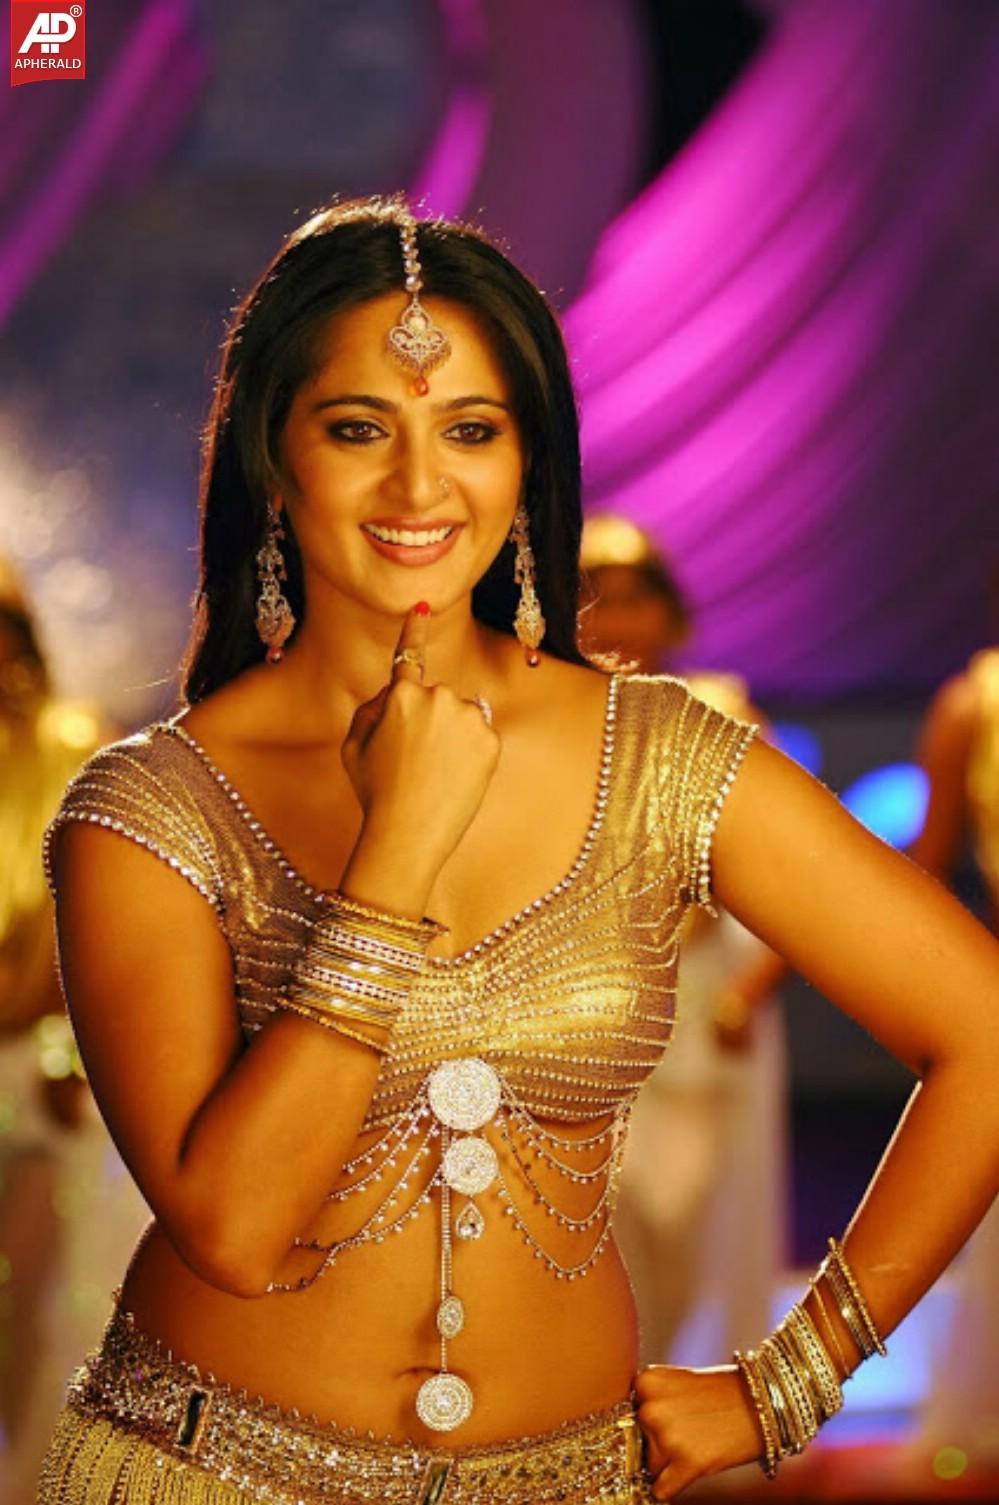 Okka magadu movie aa aaa ee eee video song balakrishna anushka sri balaji video youtube 72 - 4 2